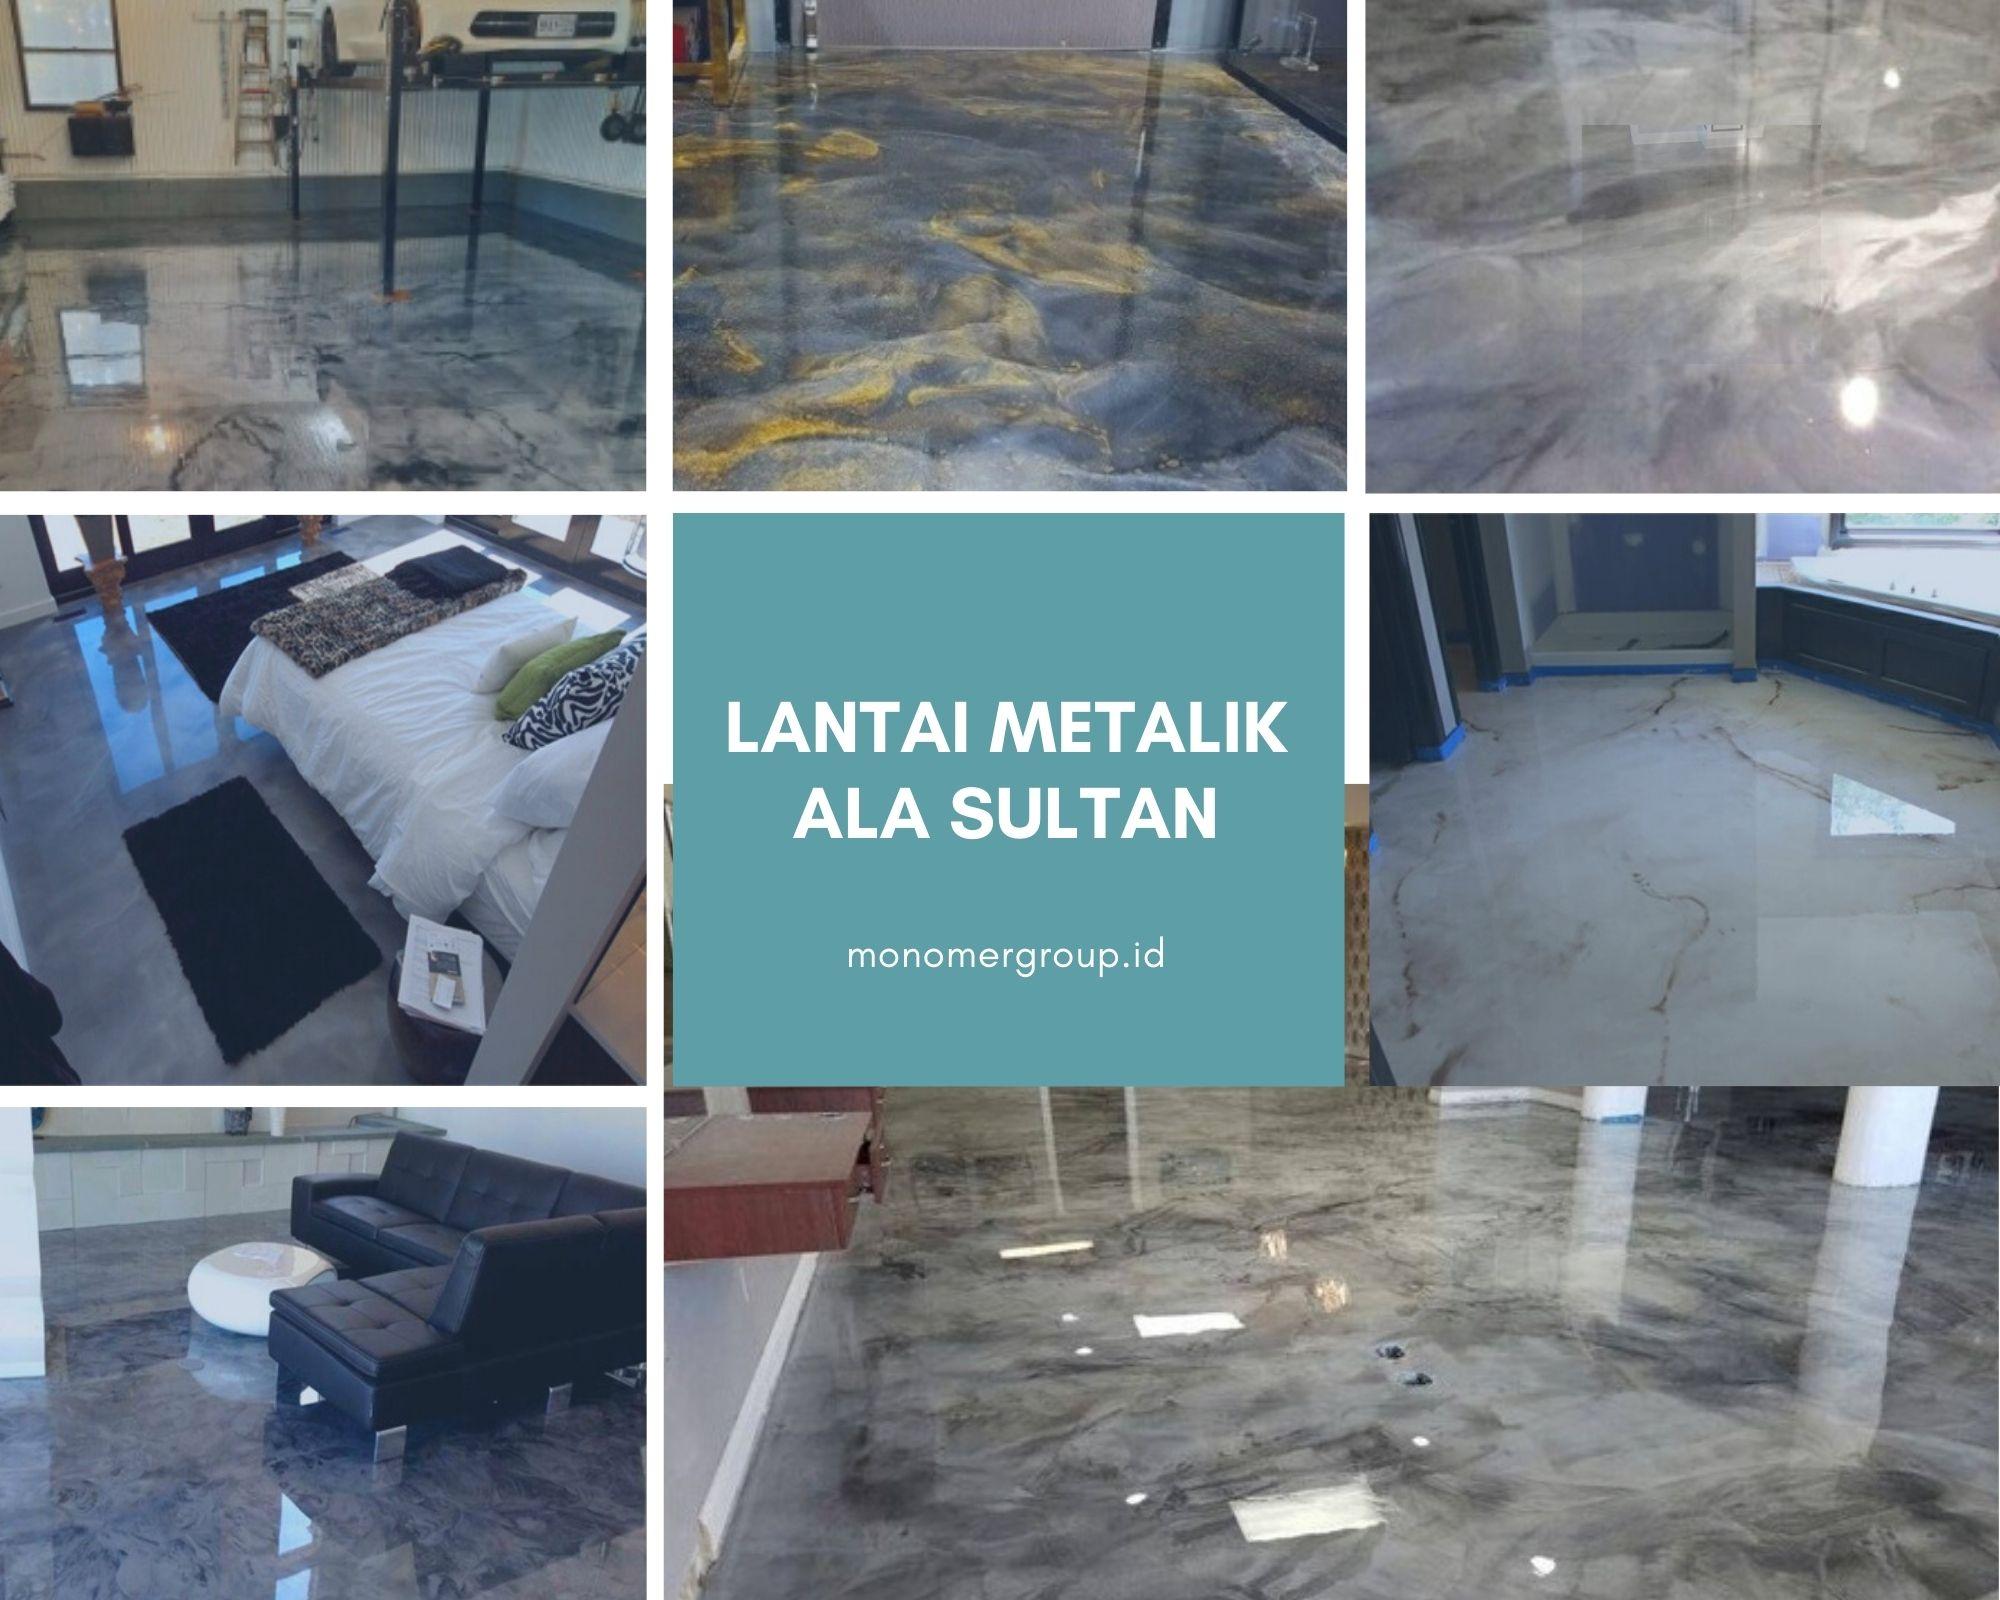 lantai metalik